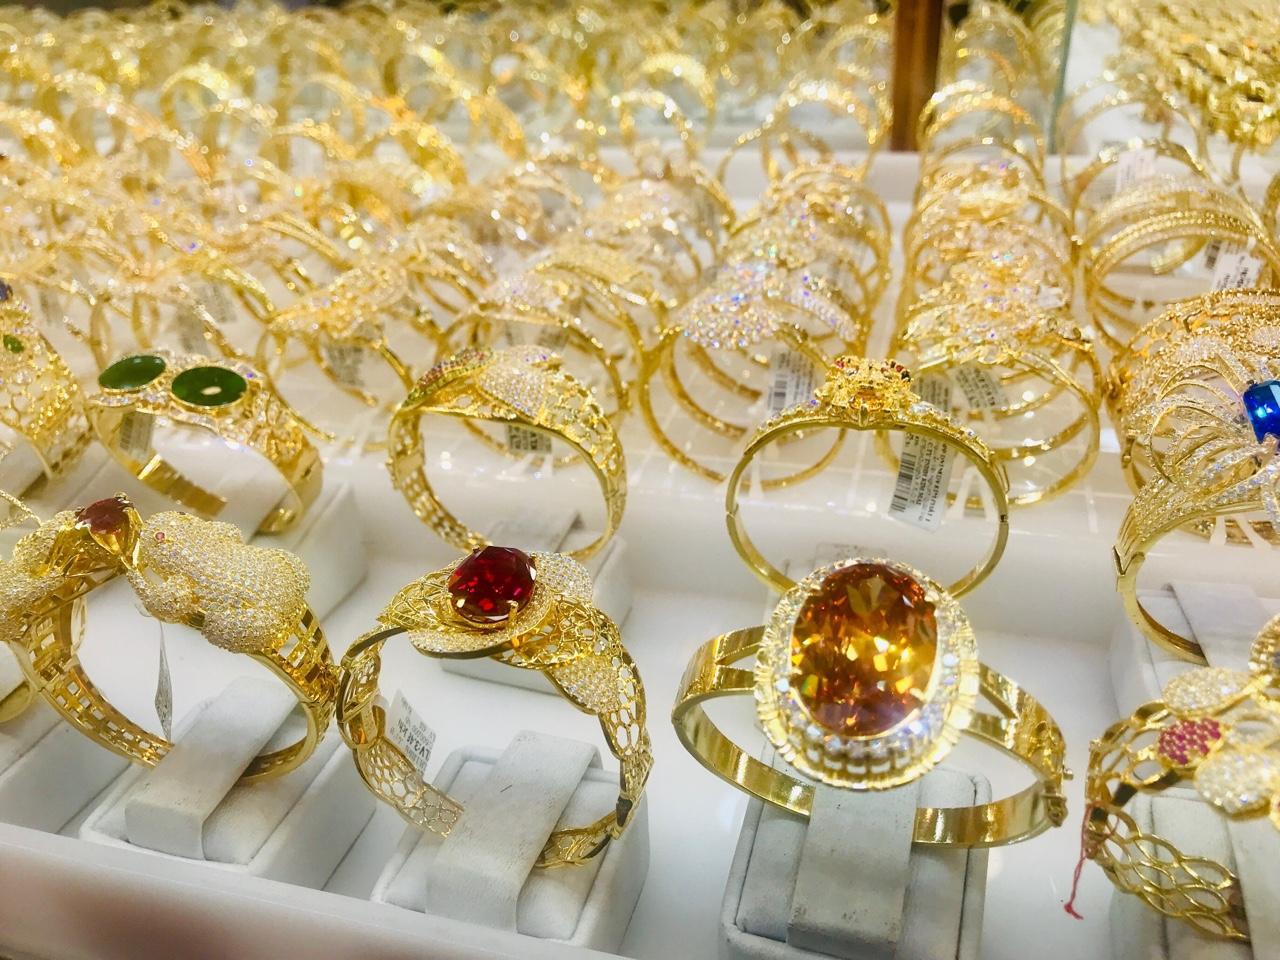 Giá vàng tiếp tục chinh phục đỉnh mới, tăng tiếp lên 50,4 triệu đồng/lượng - Ảnh 2.